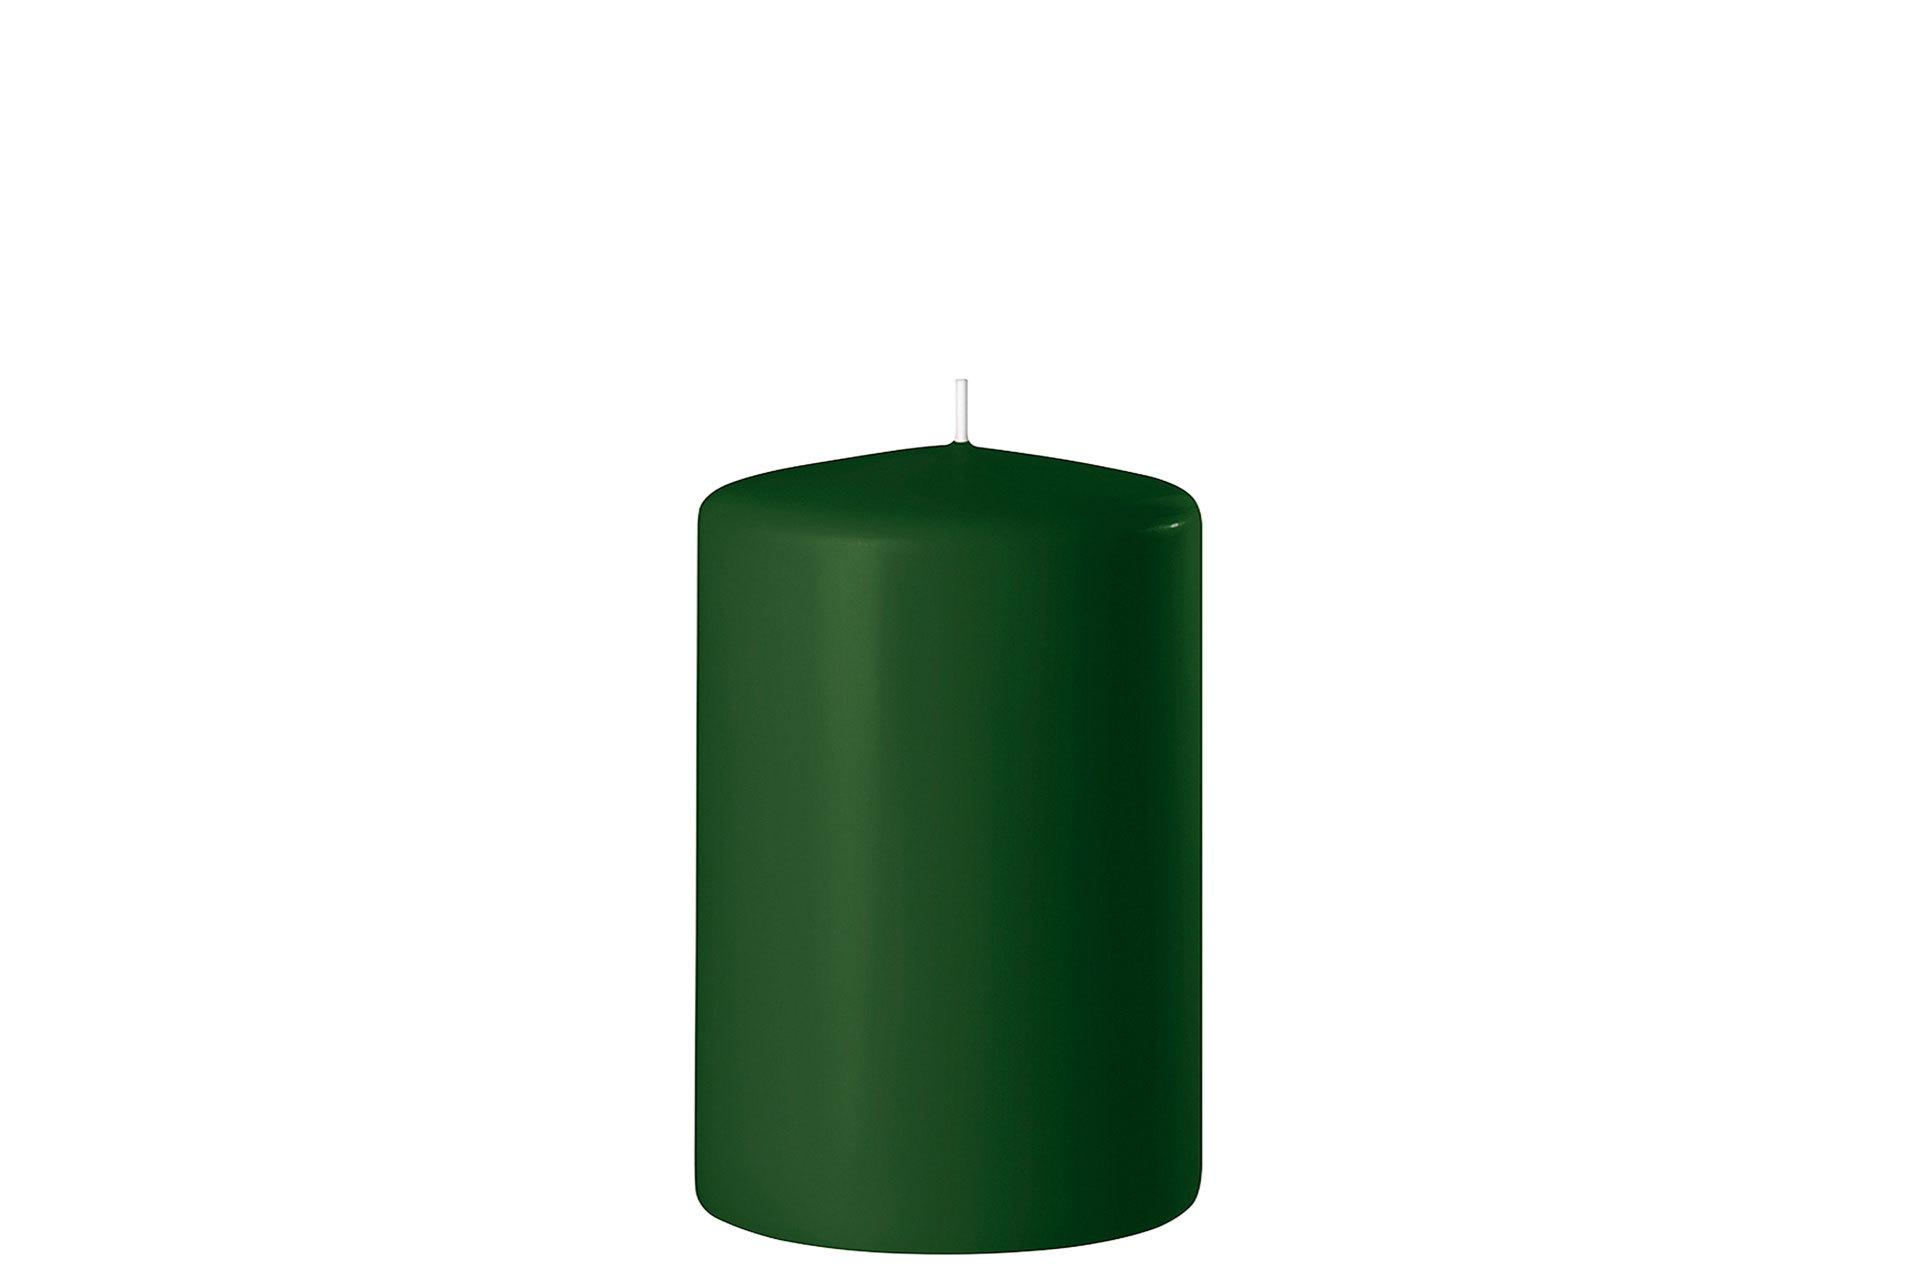 Pöytäkynttilä tummanvihreä, A Lot, 2 eri kokoa